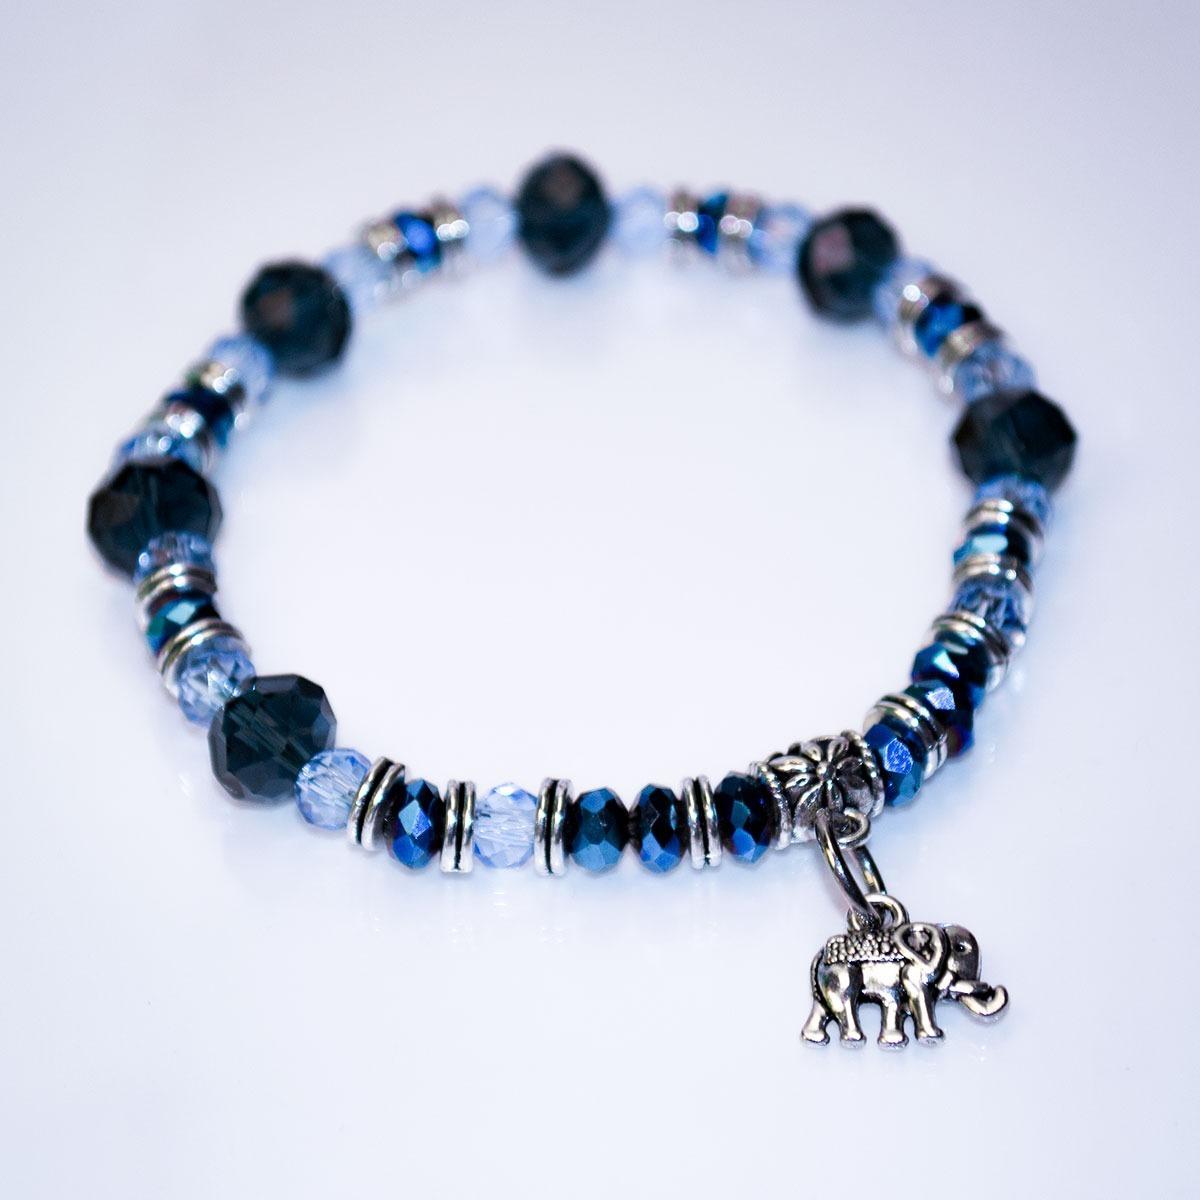 3927cfa671b5 Pulsera Cristal Checo Facetado Tonos Azules